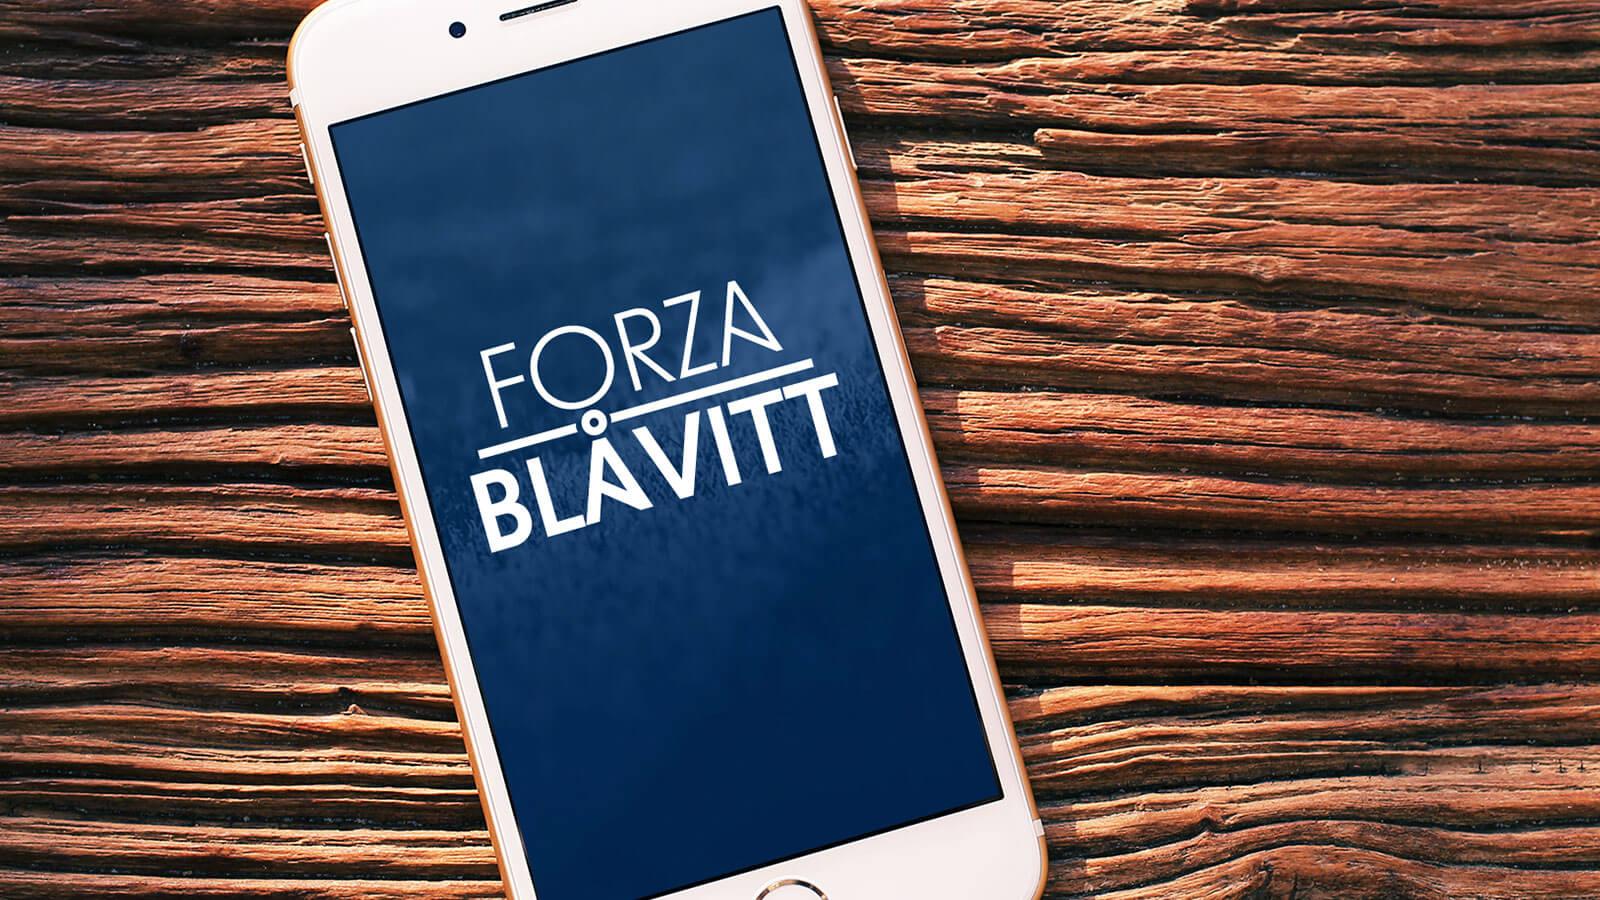 Forza Blåvitt app